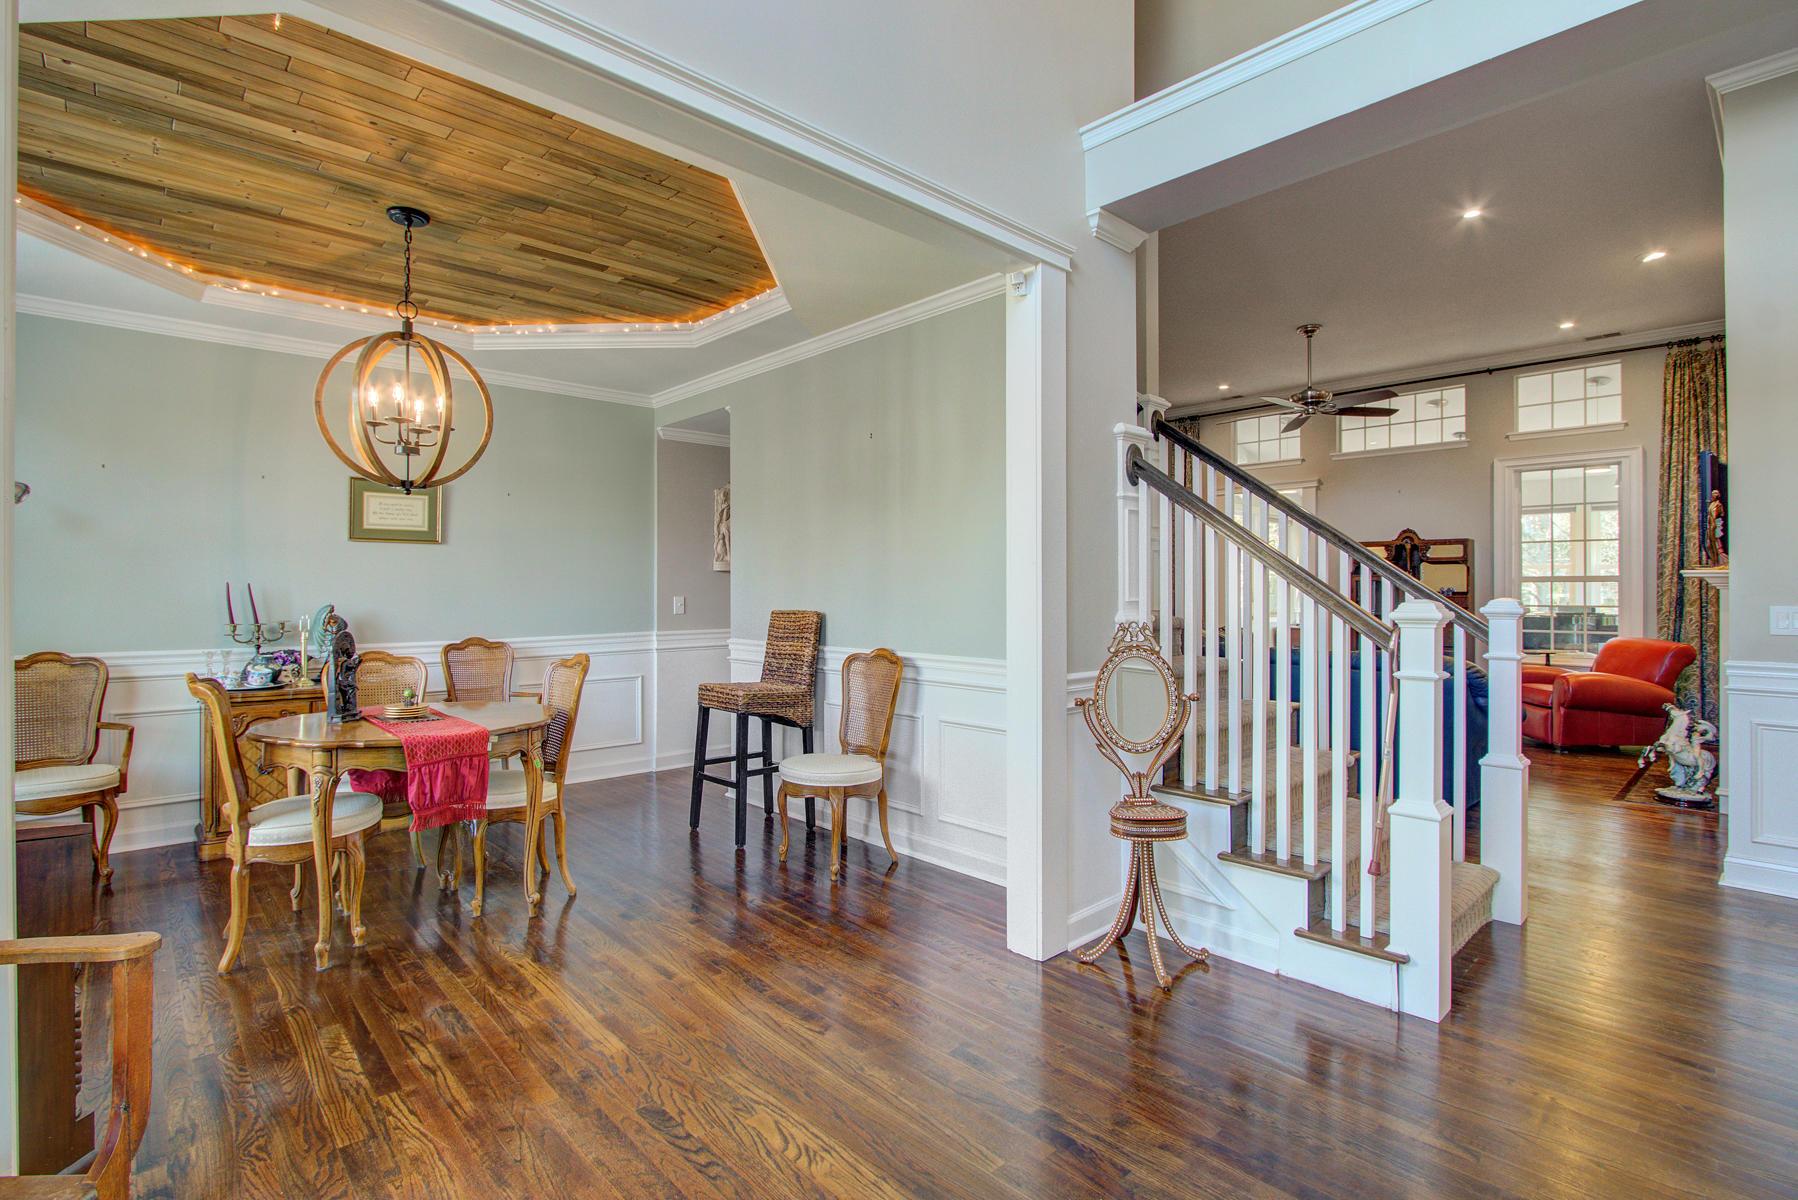 Dunes West Homes For Sale - 2104 Short Grass, Mount Pleasant, SC - 6